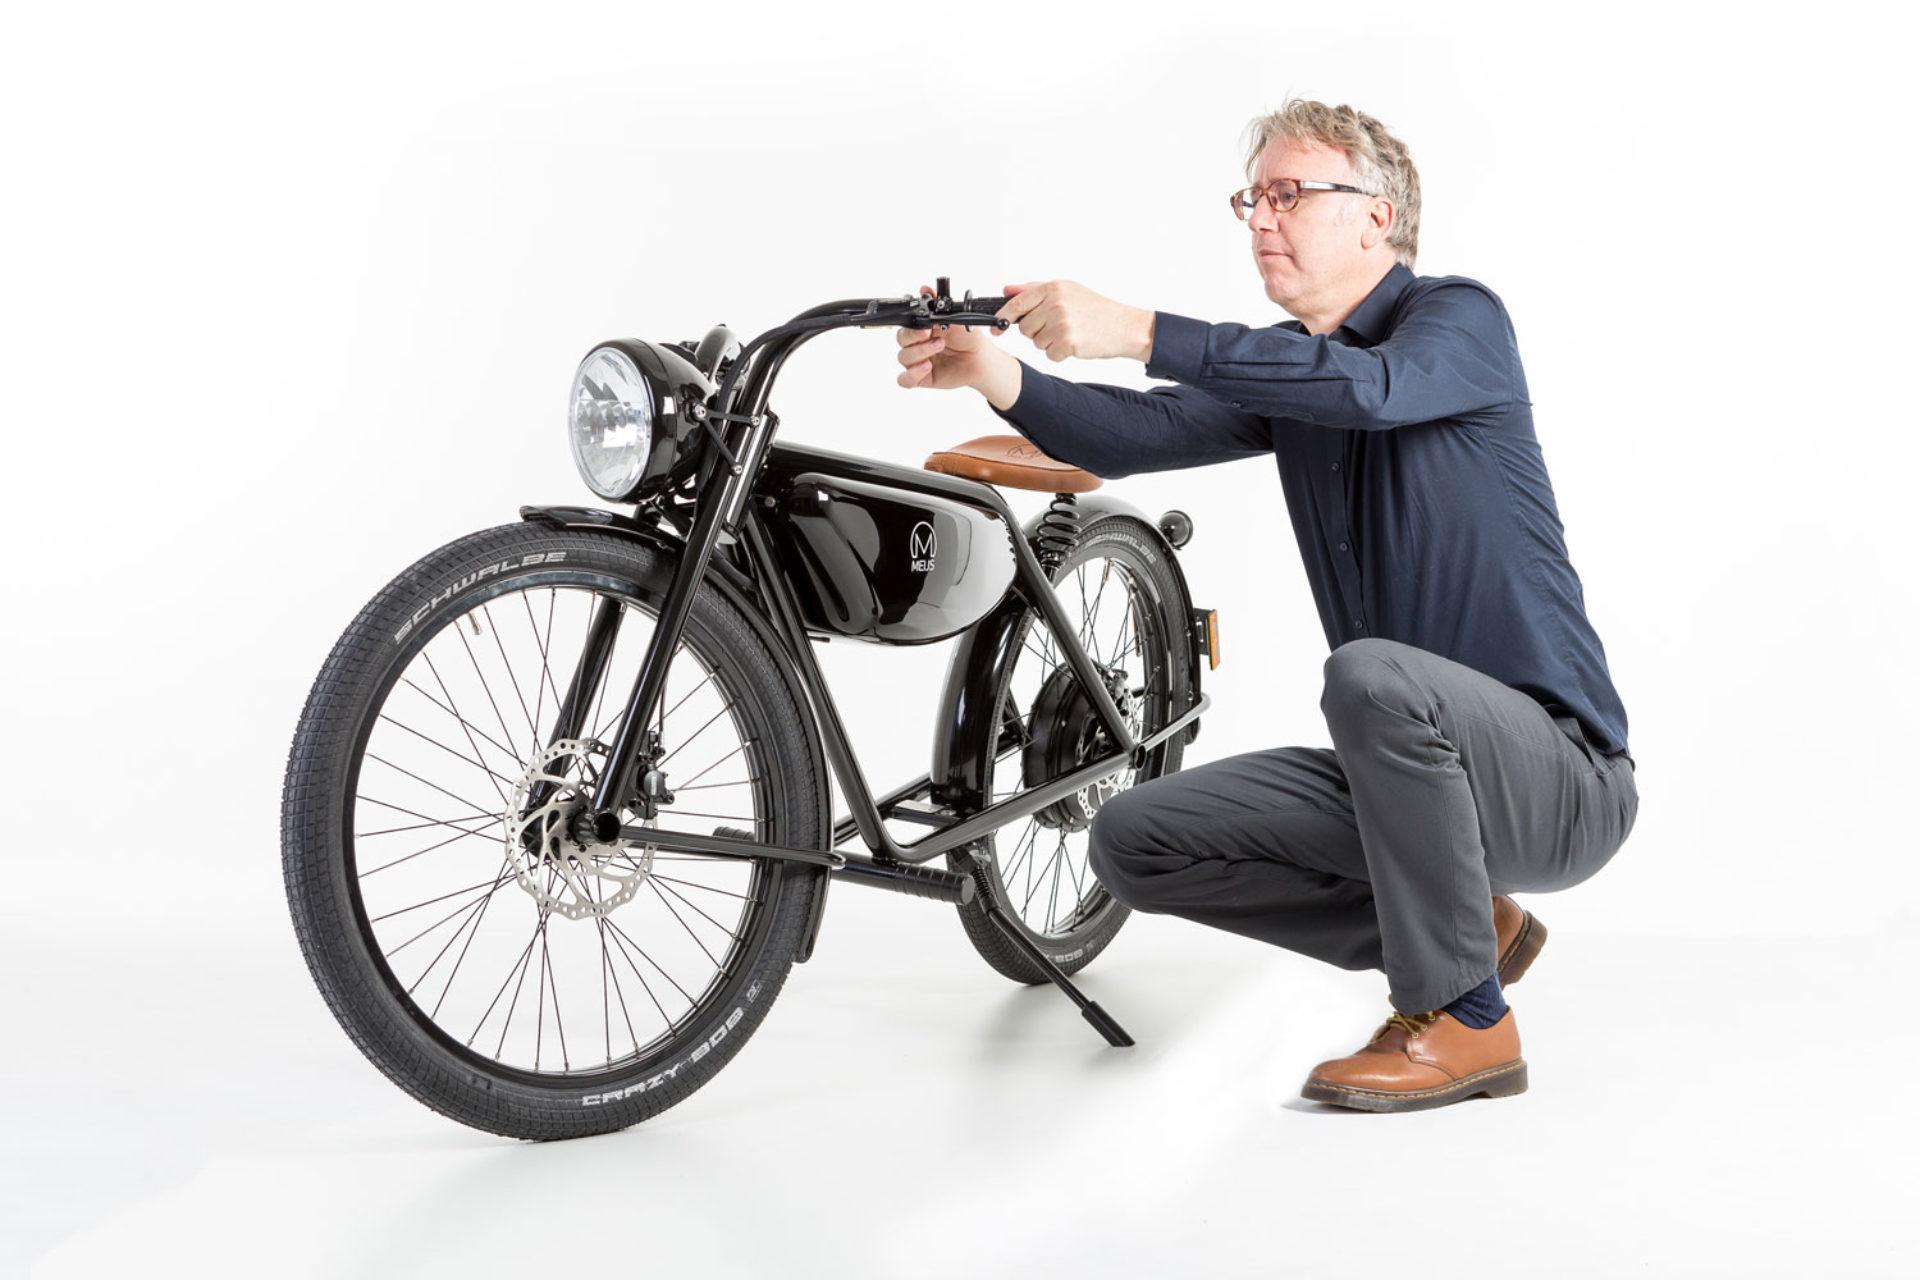 MEIJS Motorman website Webdesign Maastricht - Rene Verkaart)